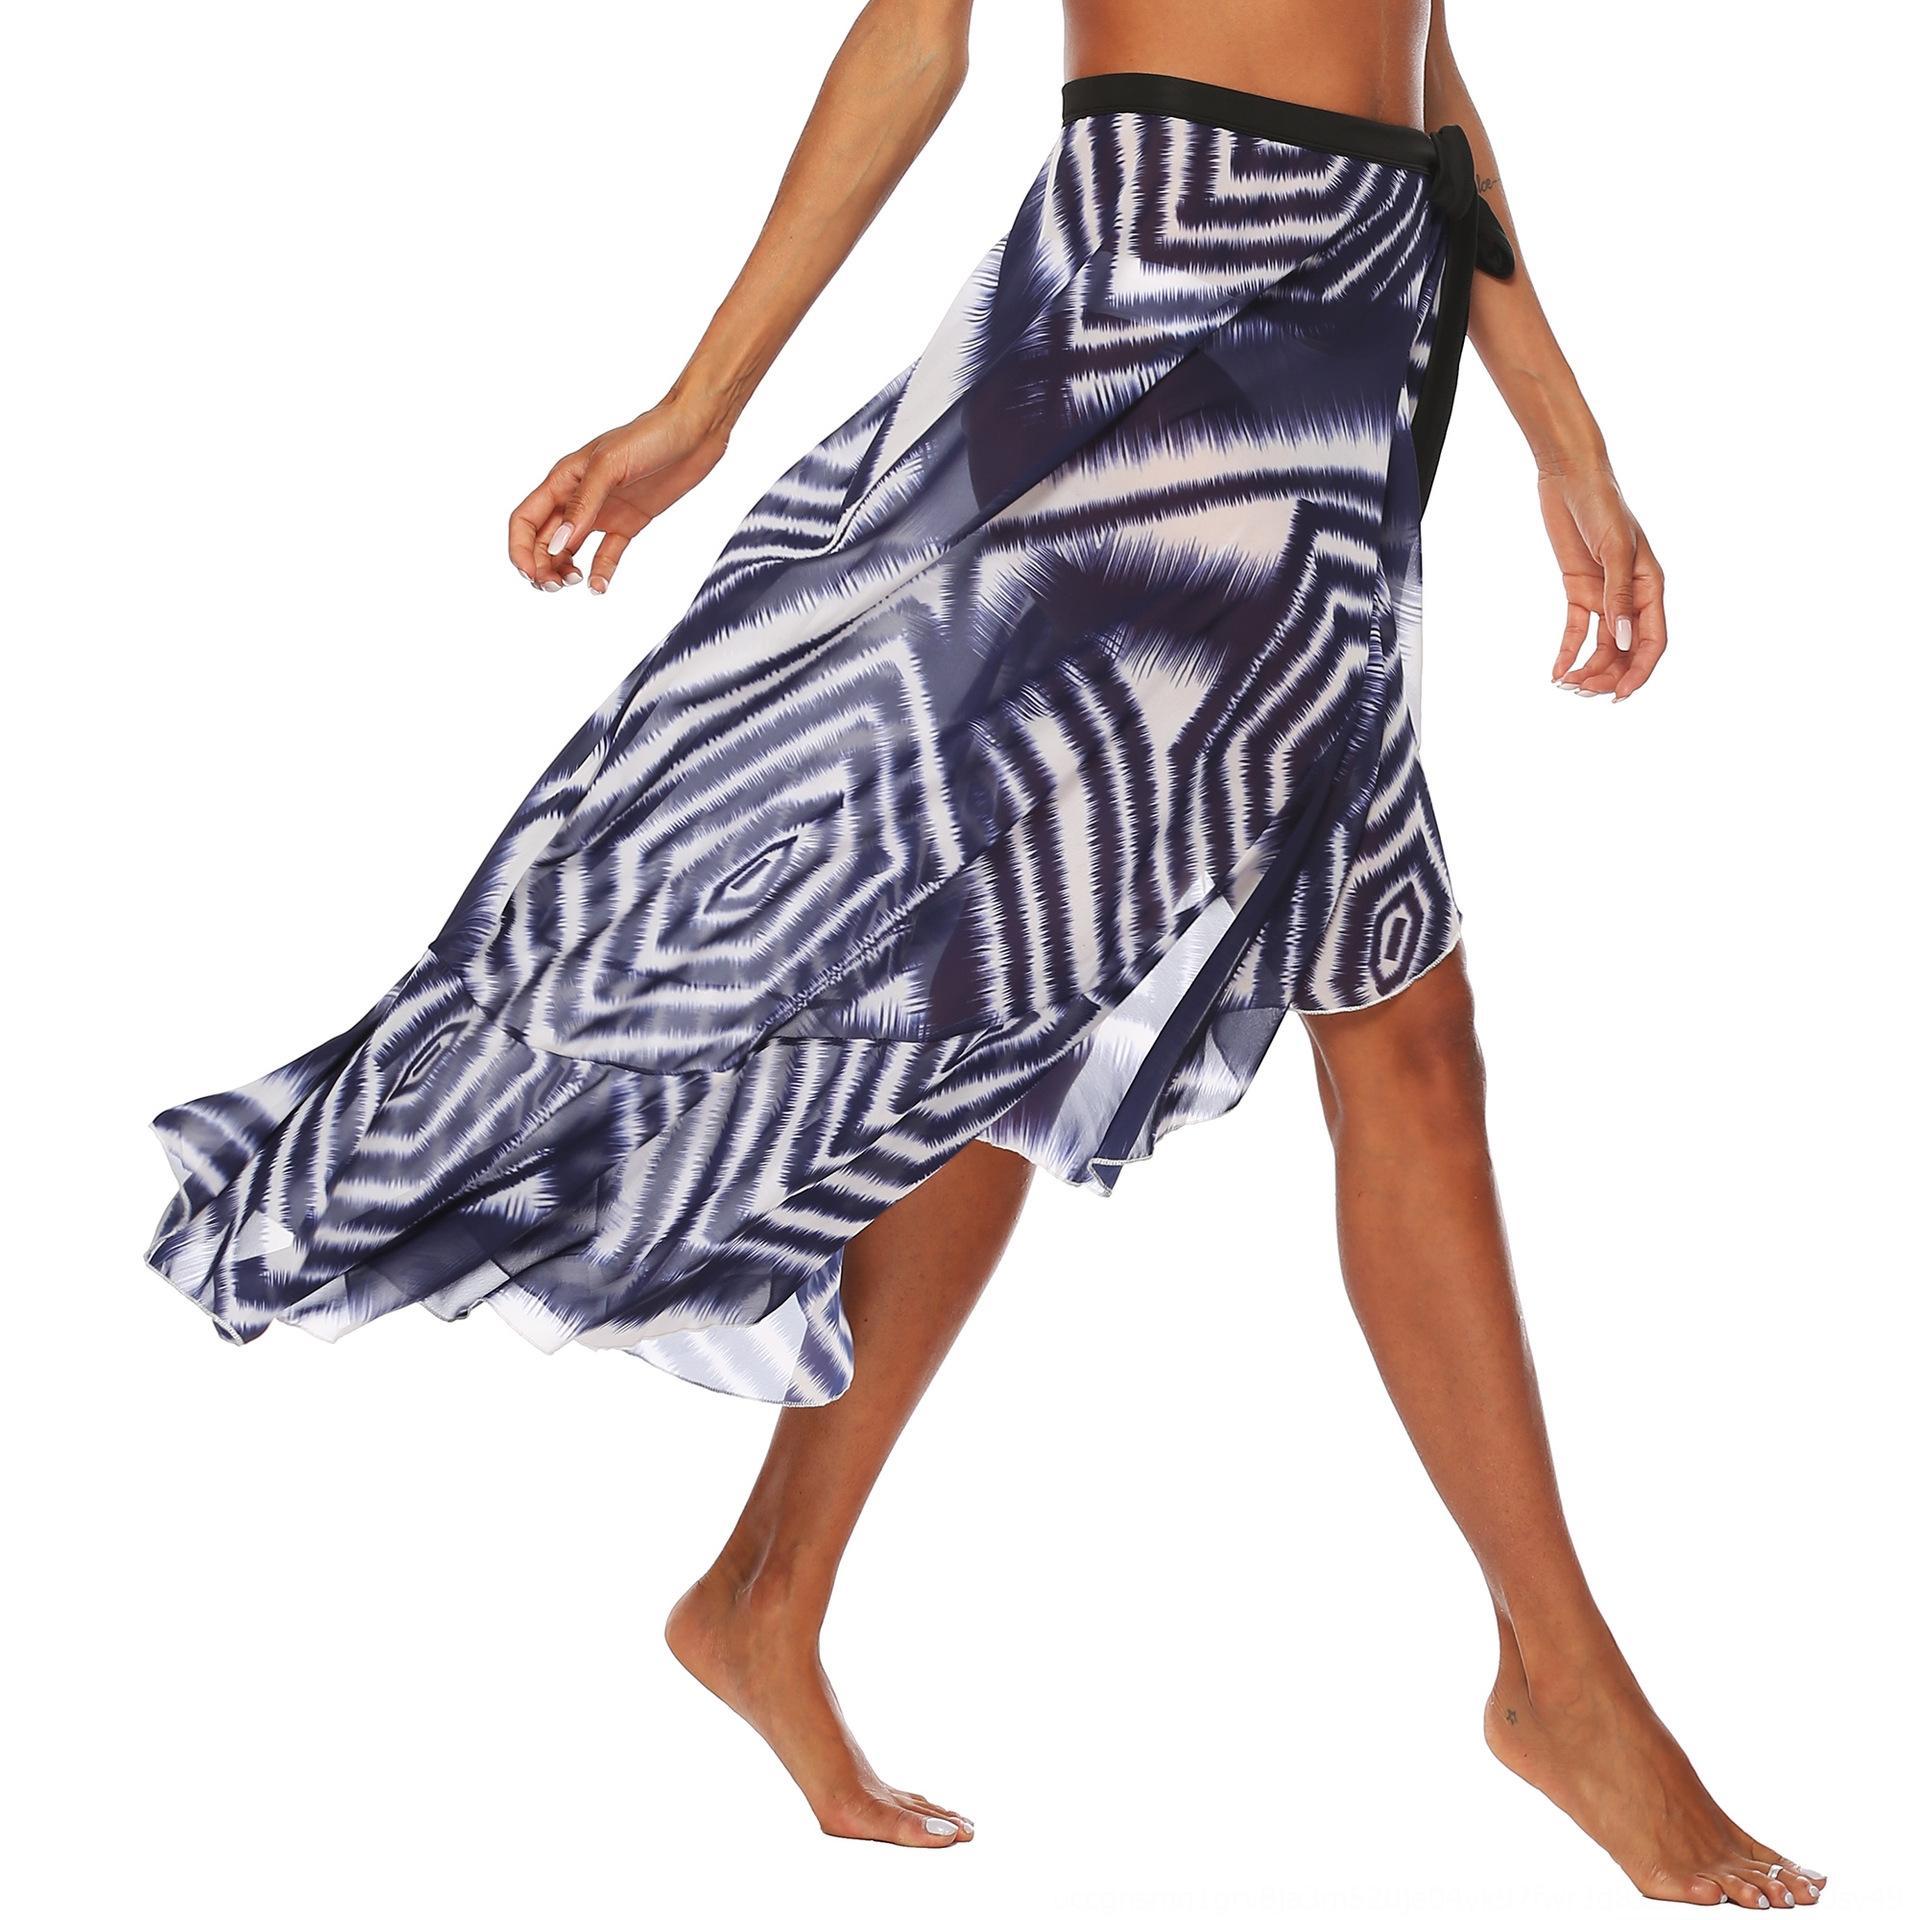 여성의 추상적 인 인쇄 해변 레이스 쉬폰 불규칙 flounced 레이스 비치 스커트 섹시 190,550 스커트